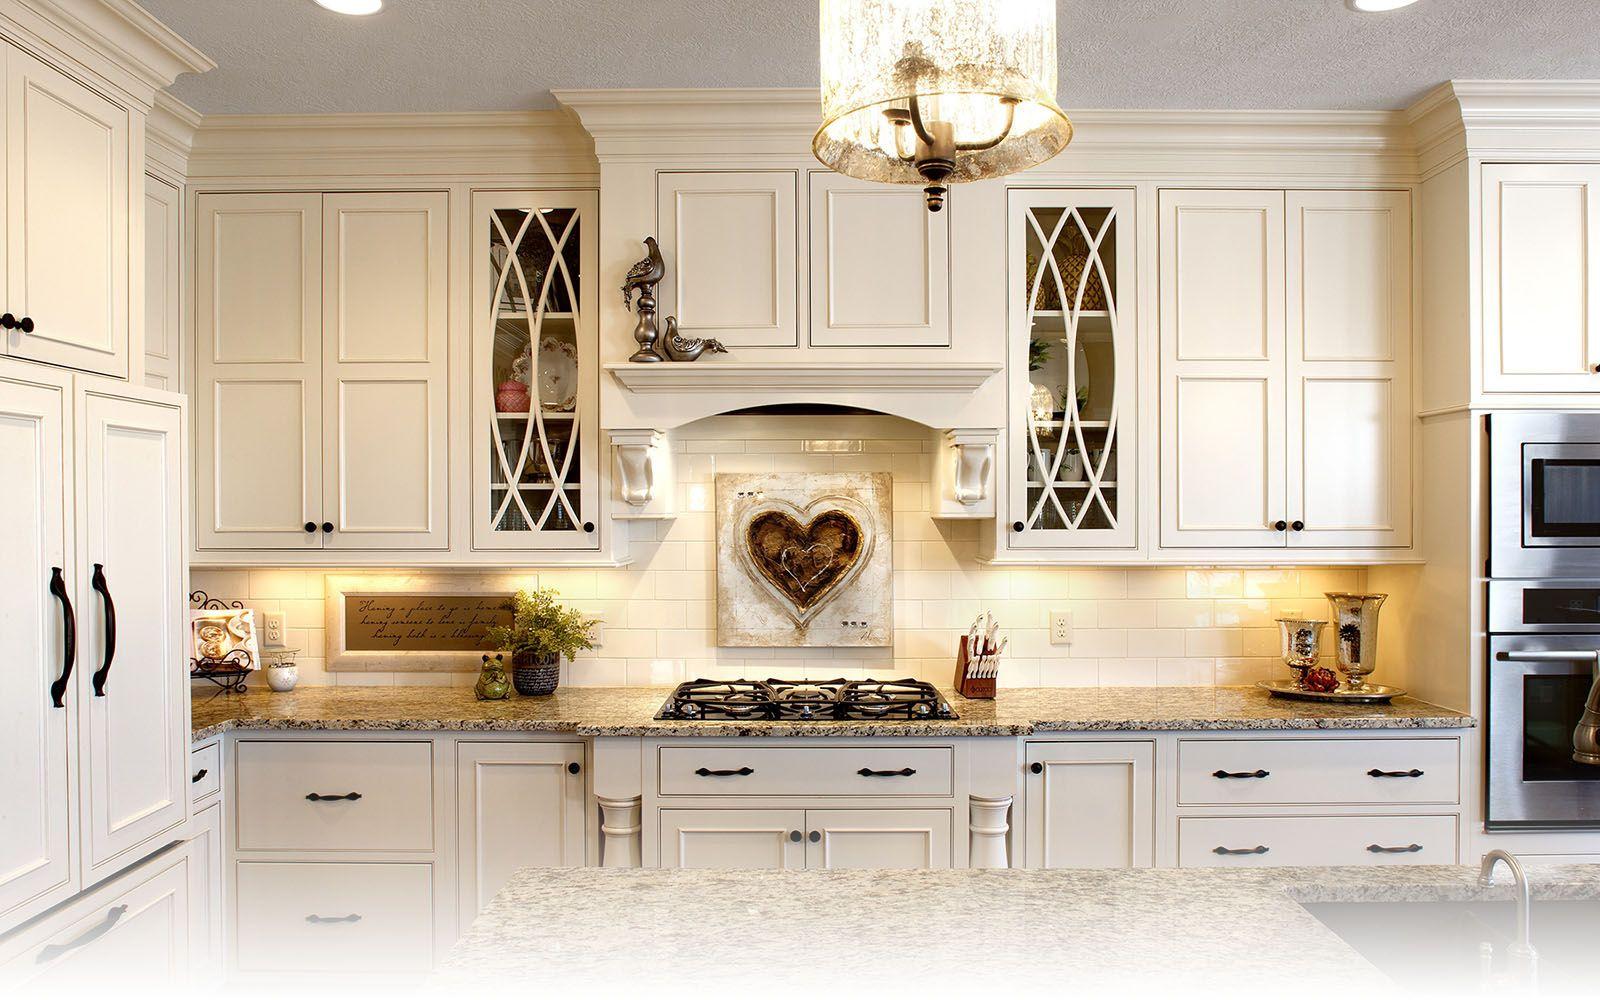 Norfolk Kitchen Bath In 2020 French Country Kitchen Cabinets Country Style Kitchen French Country Kitchens